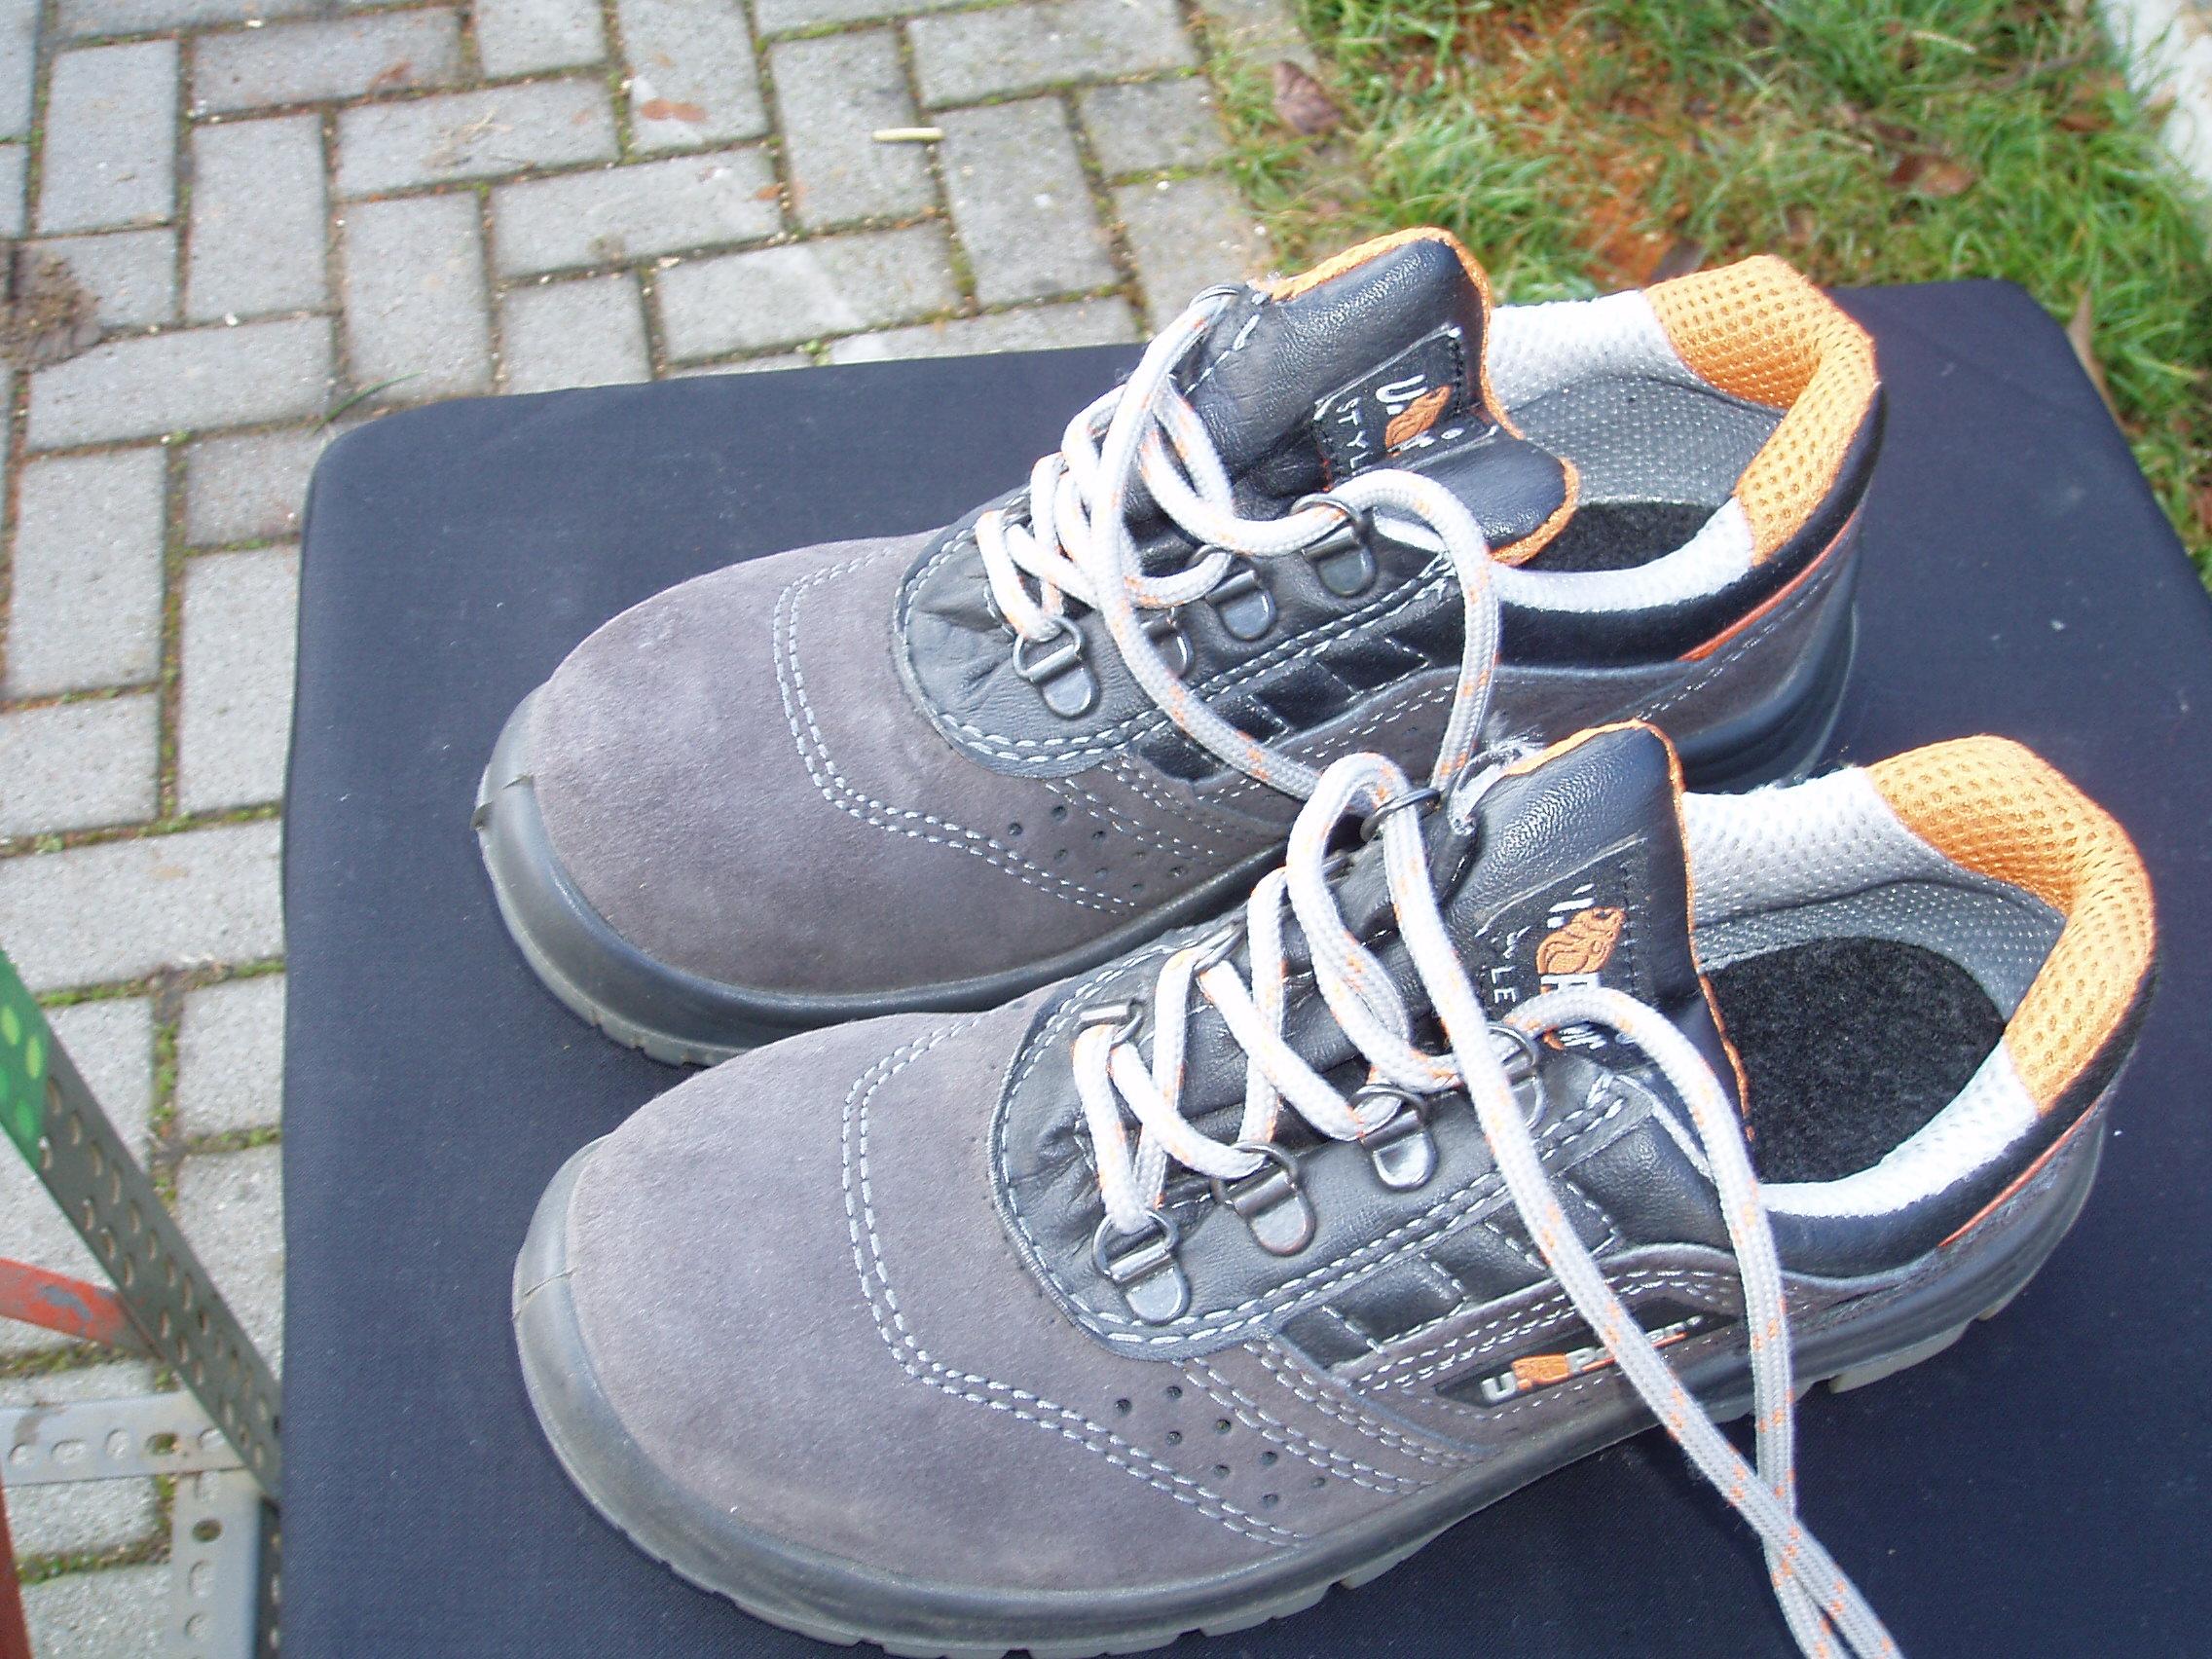 calzature – Il Tendone solidale mercatino dell' usato